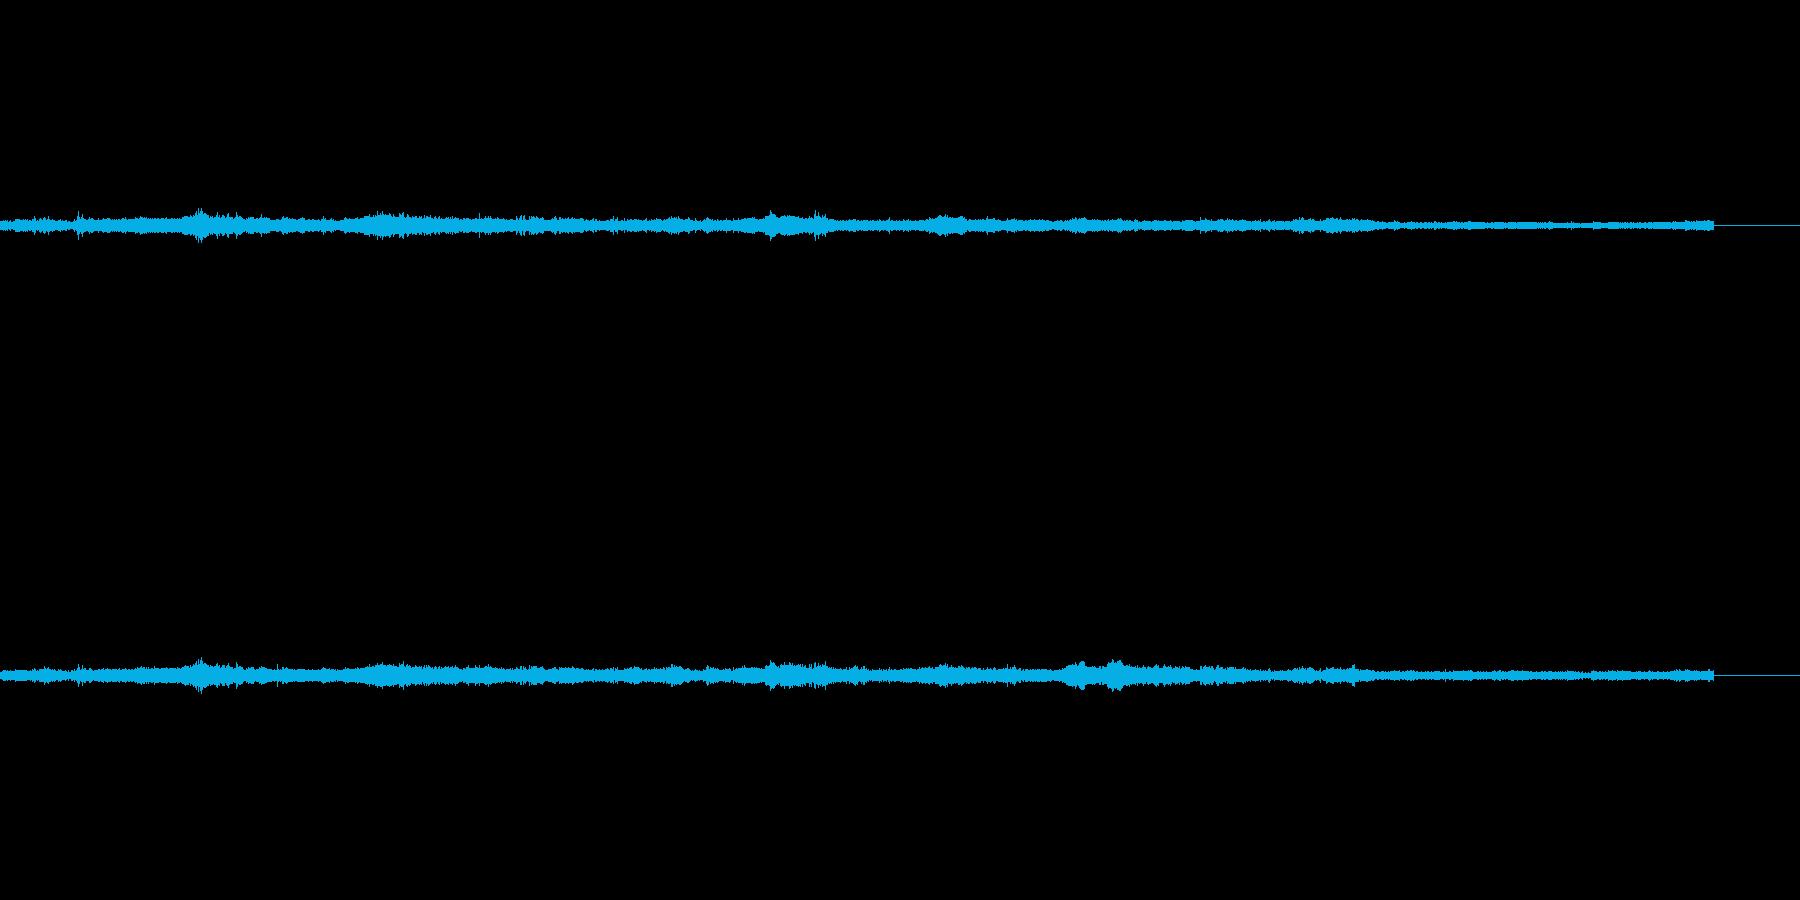 風の音の再生済みの波形